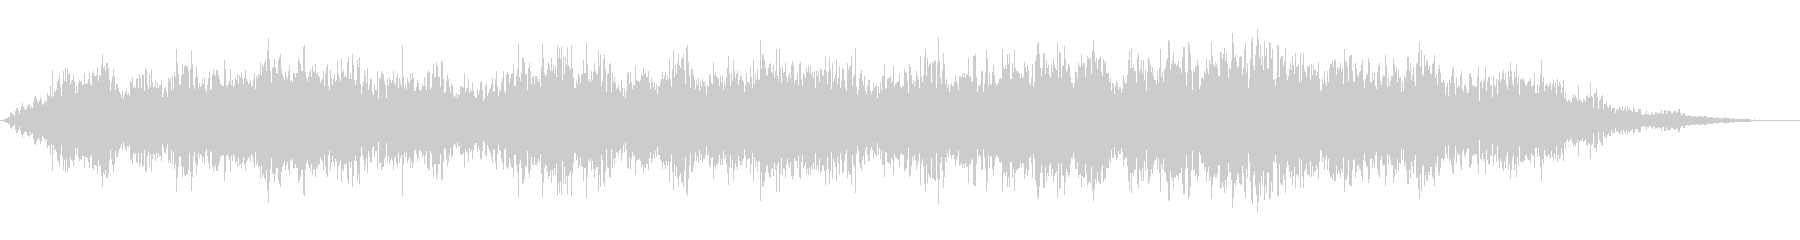 ゴーストワークスの未再生の波形